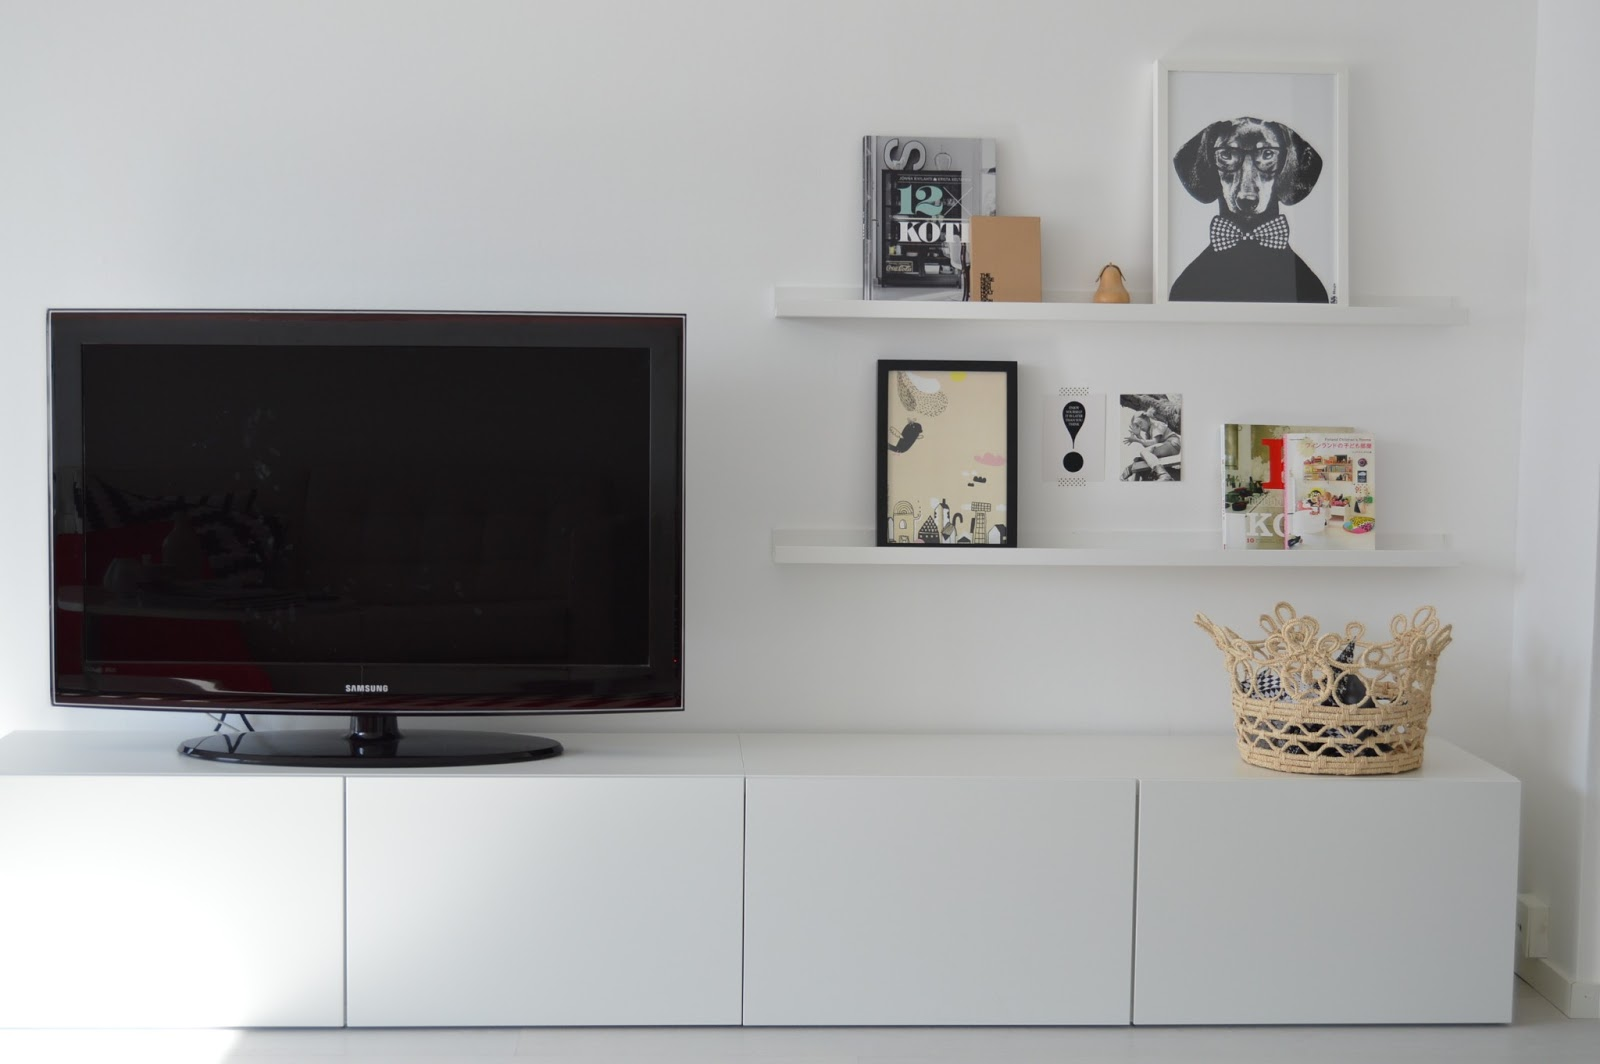 Pisaroita tasokasta for Idea de muebles quedarse